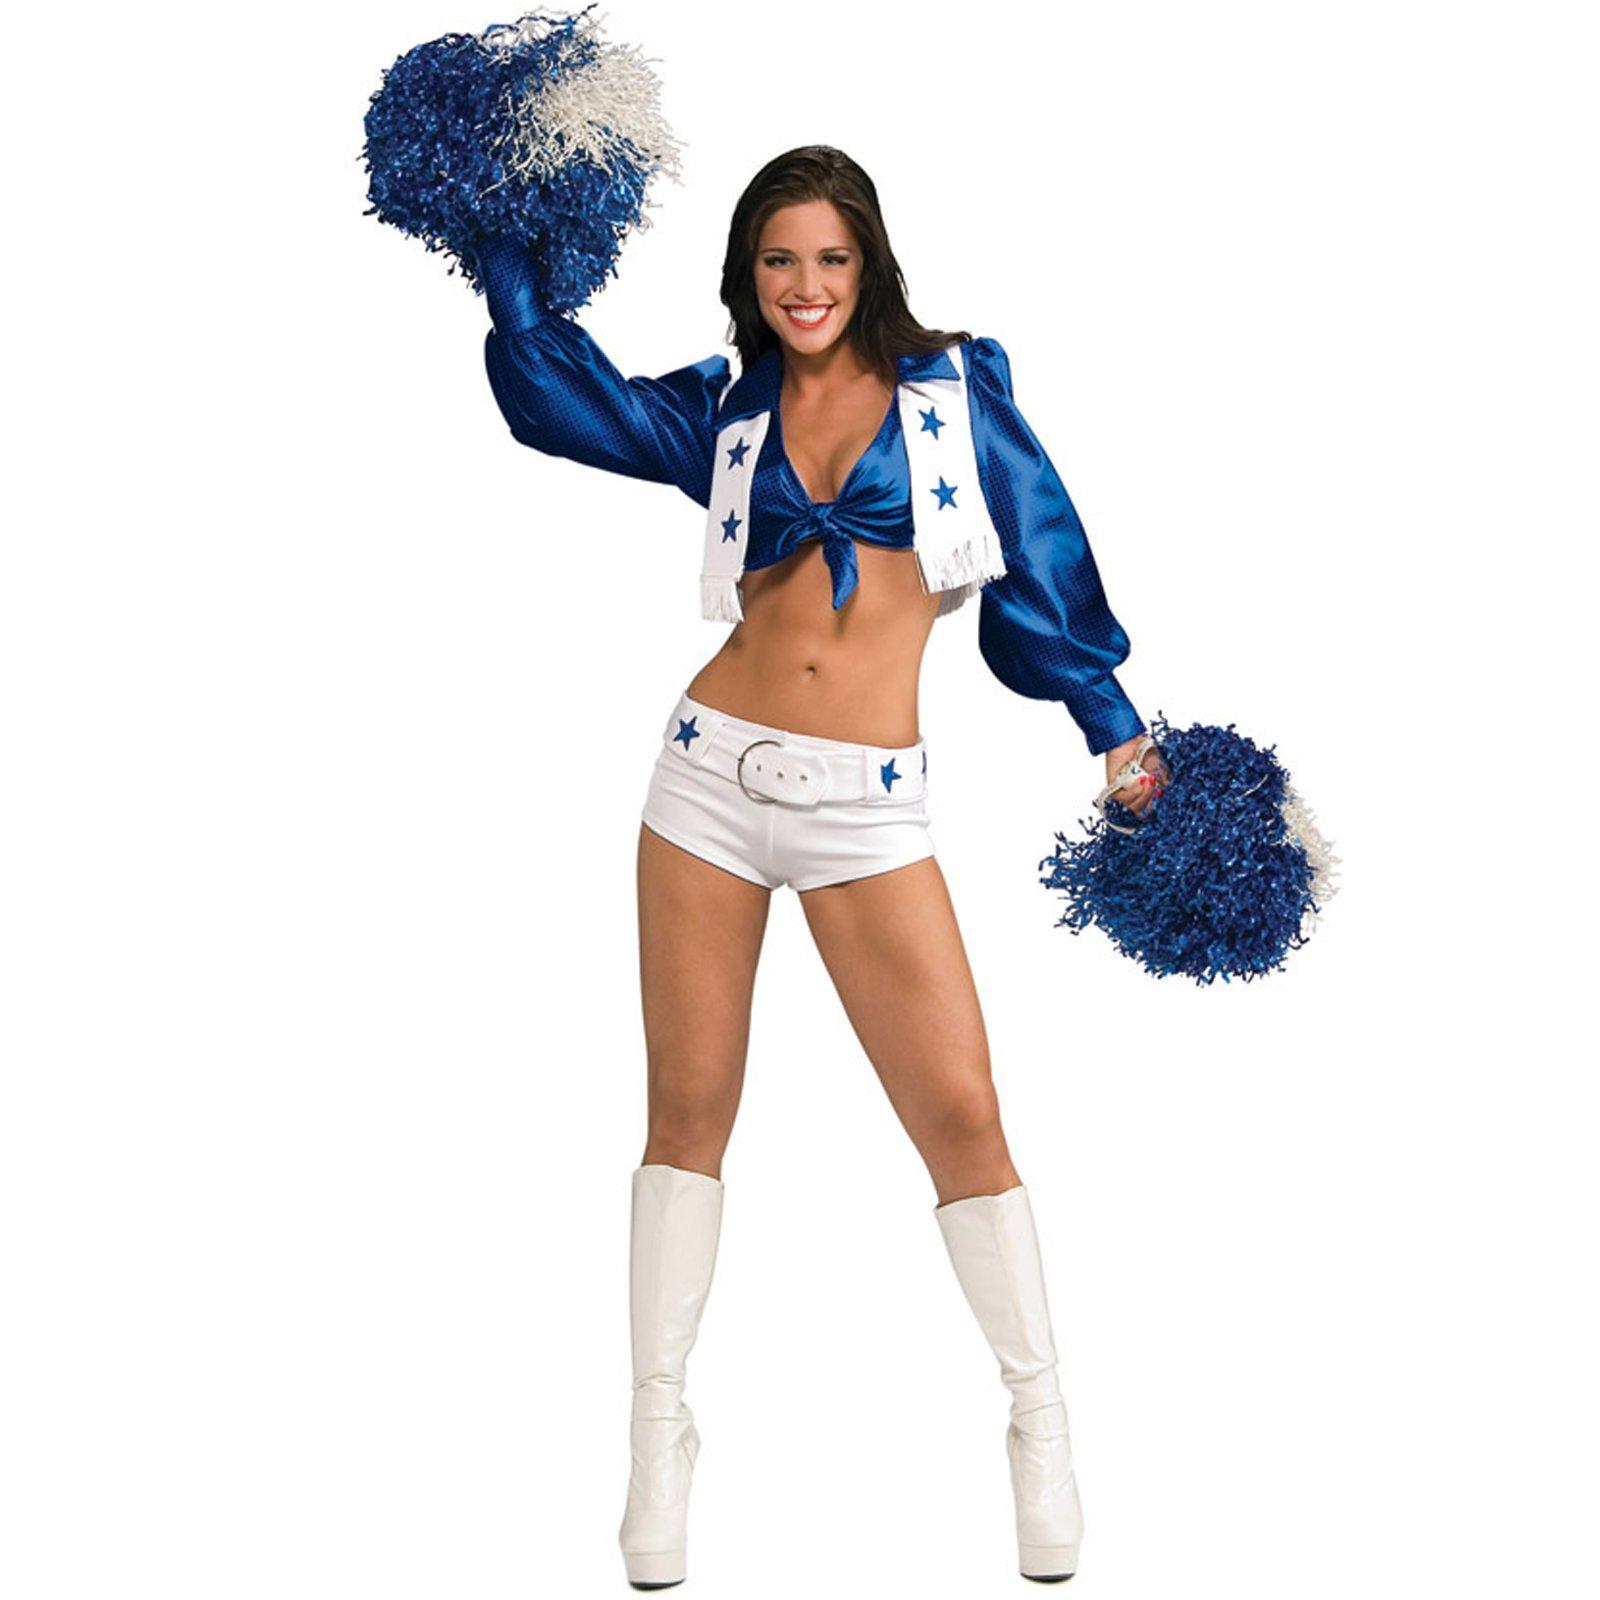 Dallas Cowboys Cheerleaders Outfits Sexy